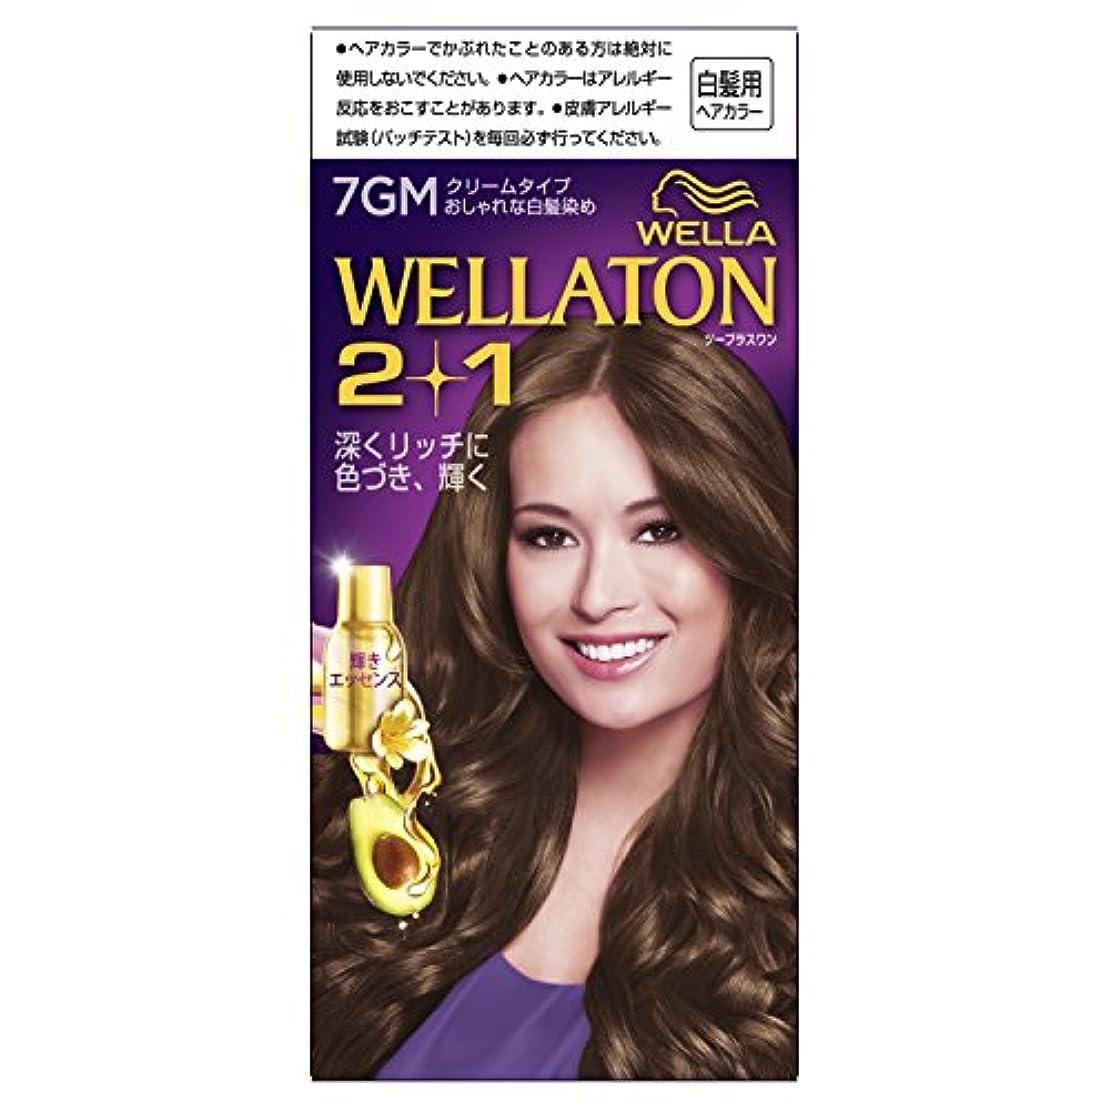 ラブサロン安心させるウエラトーン2+1 クリームタイプ 7GM [医薬部外品](おしゃれな白髪染め)